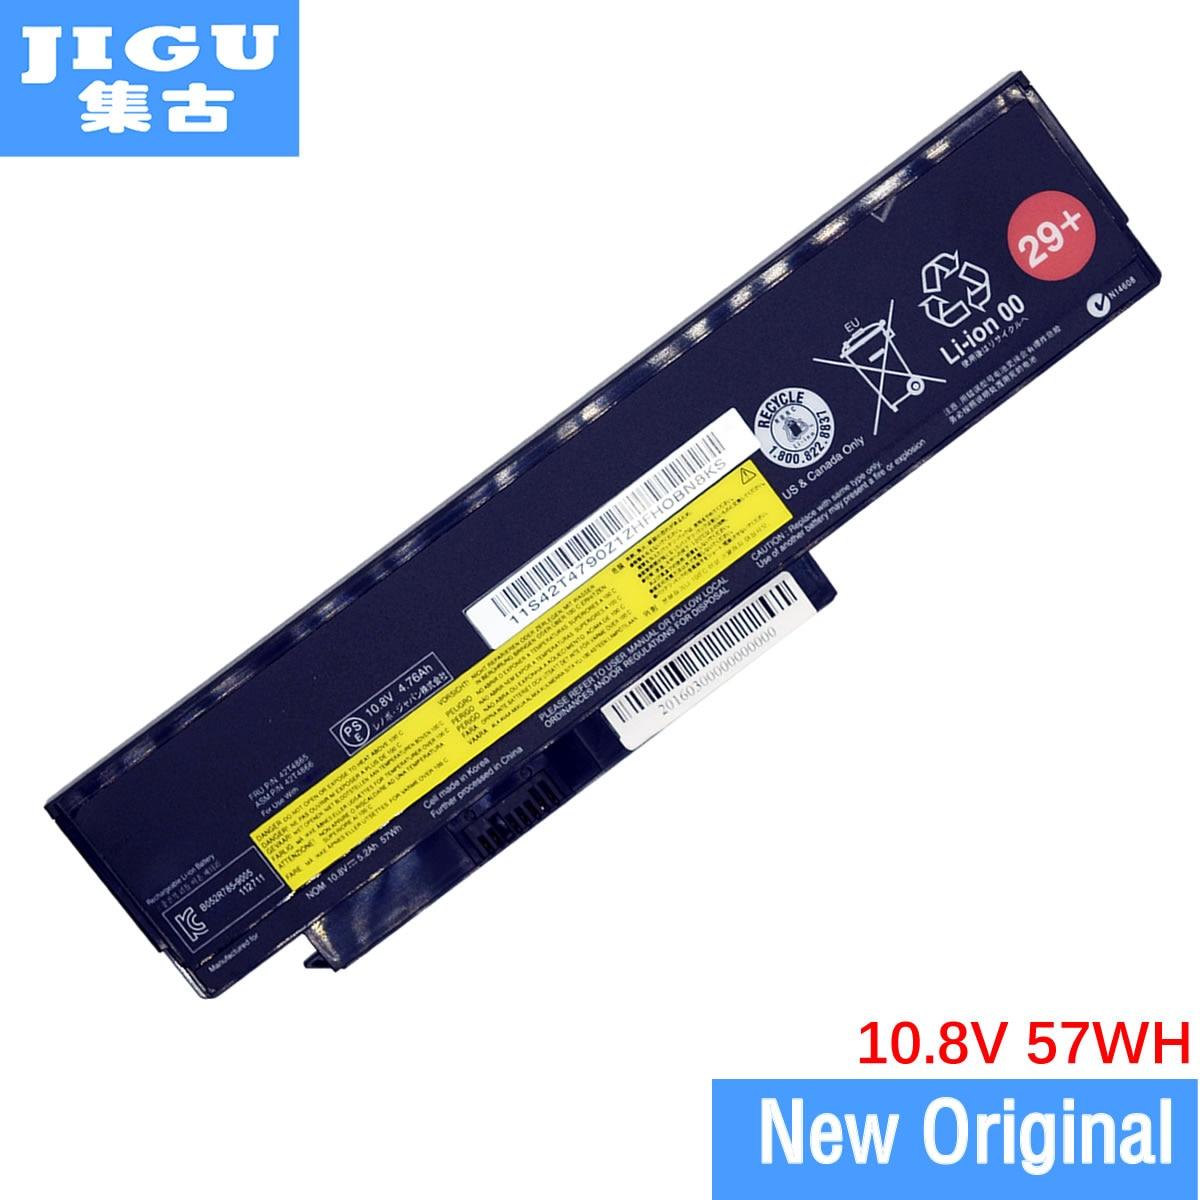 JIGU 42T4861 42T4862 42T4873 42Y4874 D'origine batterie d'ordinateur portable Pour Lenovo ThinkPad X220 X220s X220i